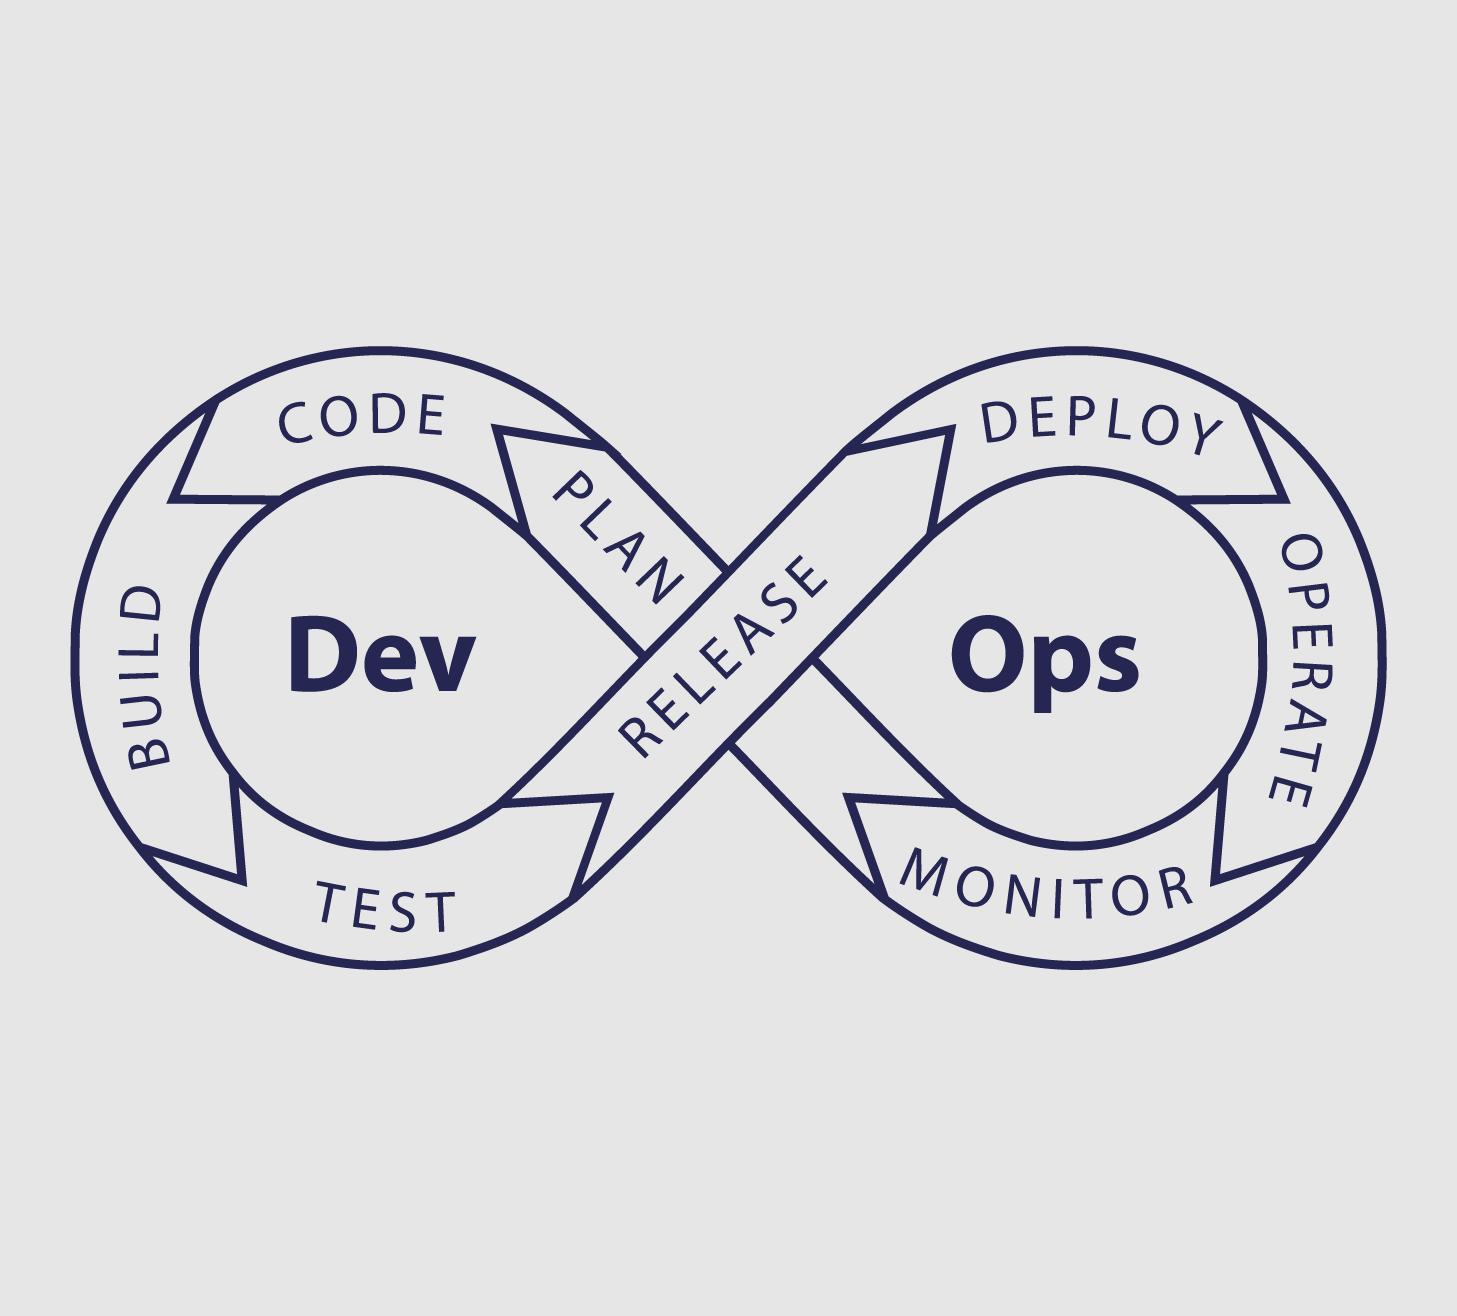 Processo do DevOps, representado pelo símbolo do infinito, com as palavras Dev e Ops dentro dele e a descrição de cada etapa do processo nas bordas, em azul marinho, no fundo cinza.